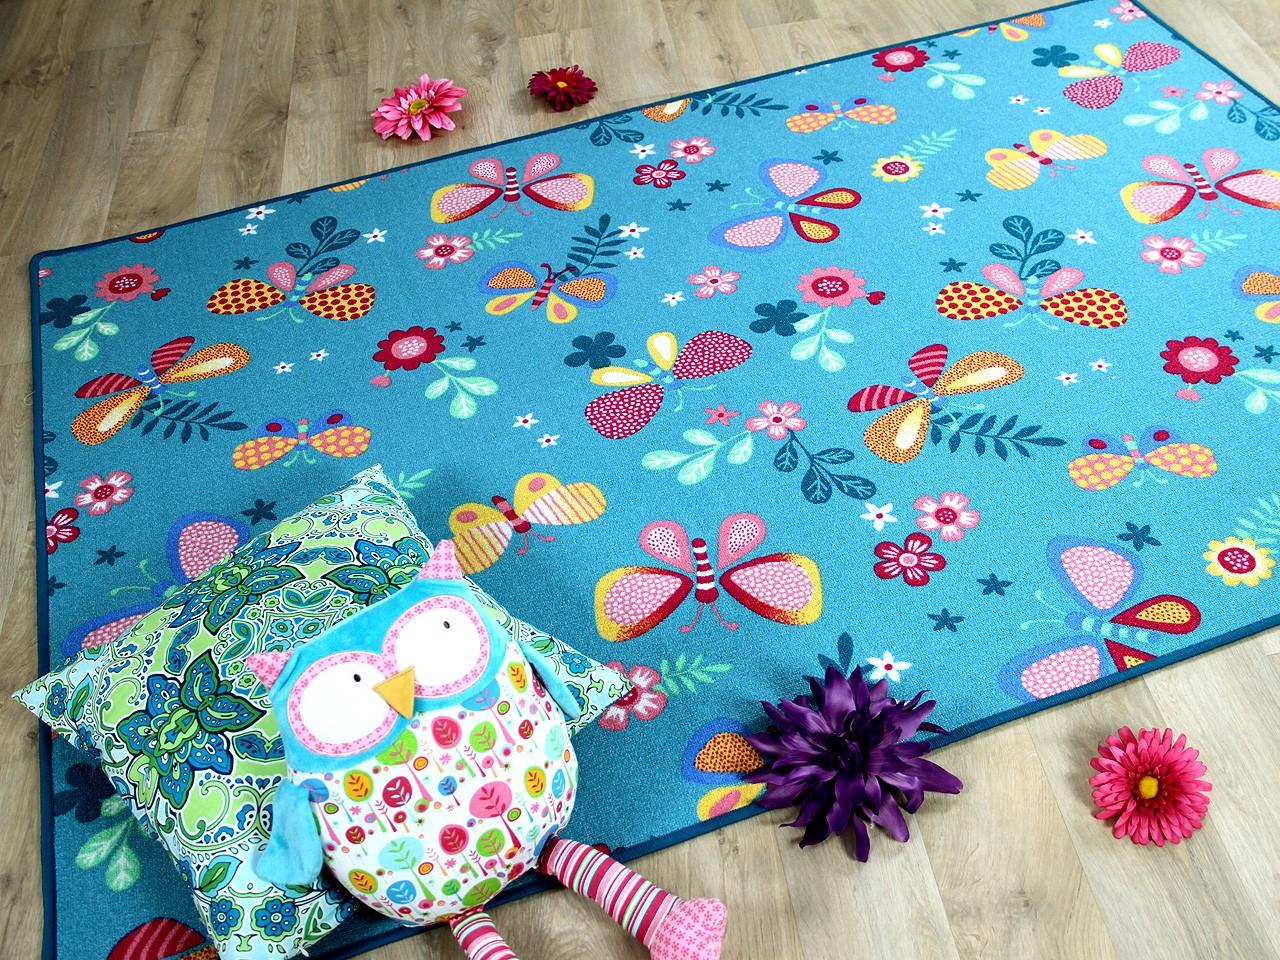 kinder spiel teppich schmetterling t rkis teppiche kinder und spielteppiche snapstyle. Black Bedroom Furniture Sets. Home Design Ideas